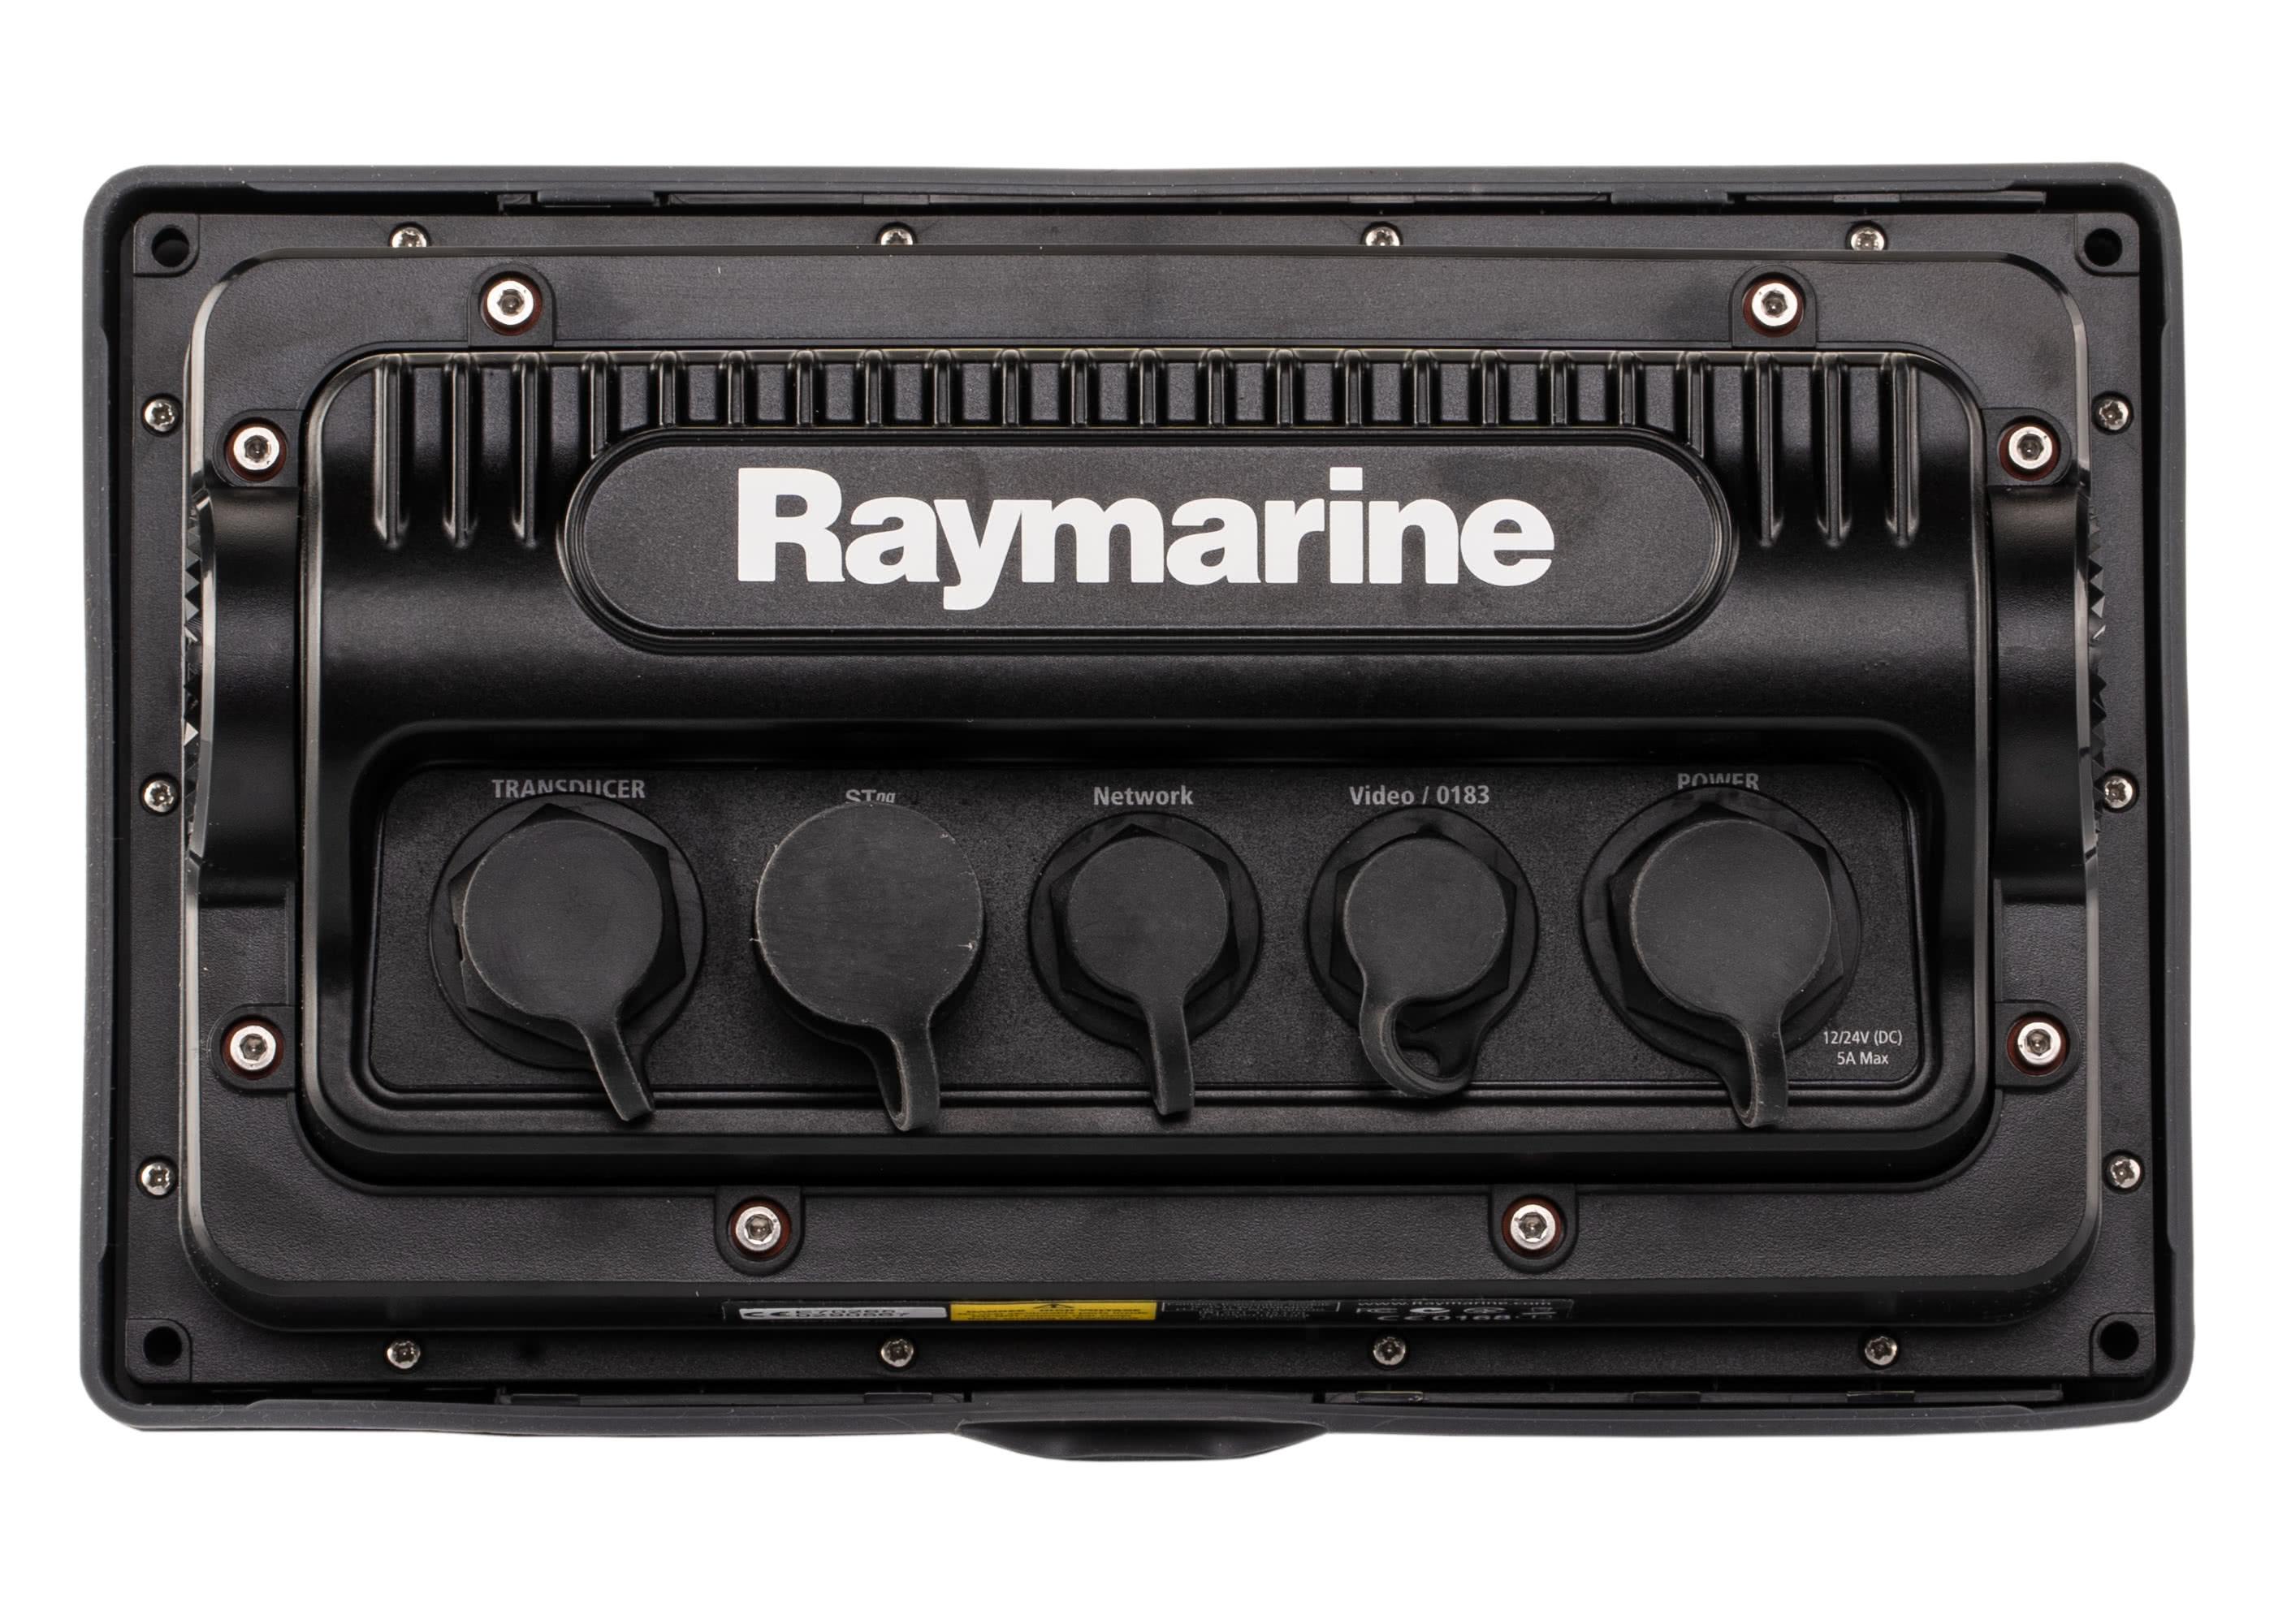 93572-Raymarine - Multifunktionsdisplay eS78.jpg